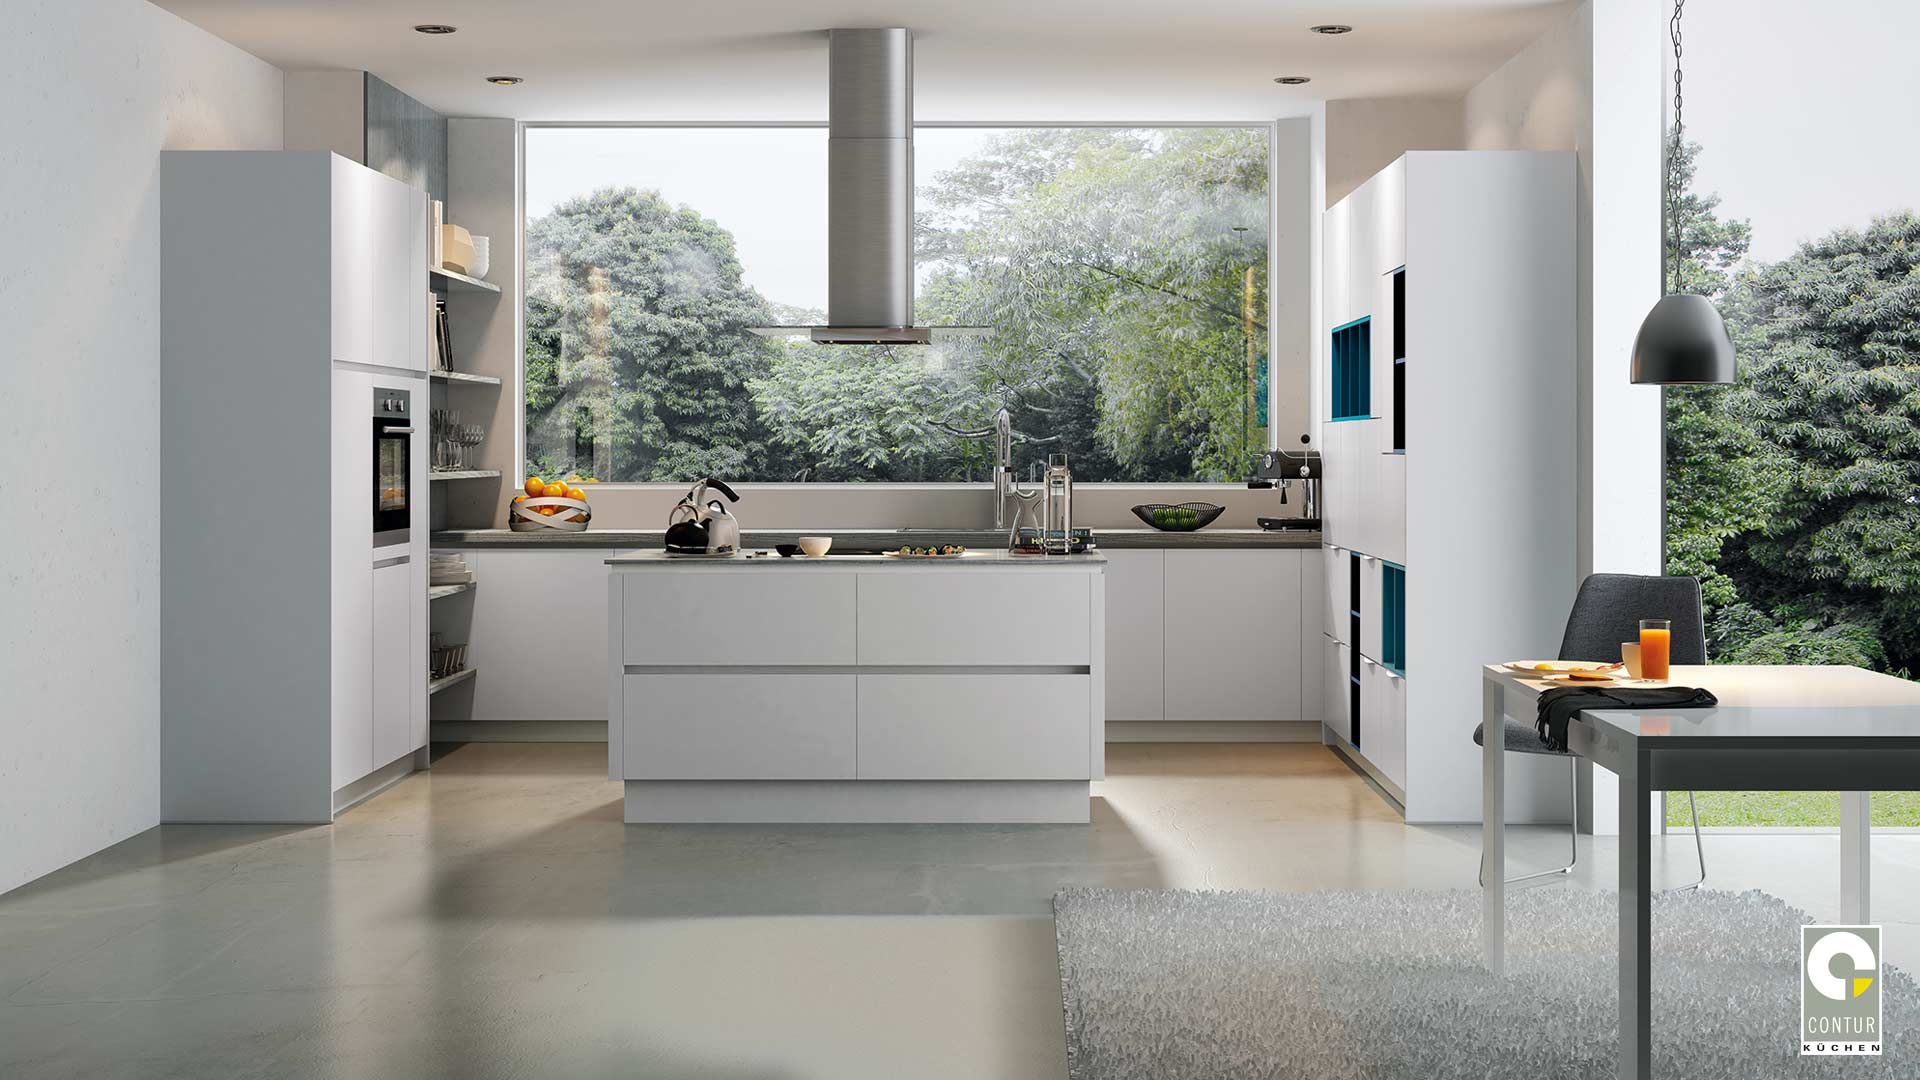 Küchen in angebot  Angebote Design Küchen in Kriftel - KÜCHENPARTNER SCHUBBACH ...